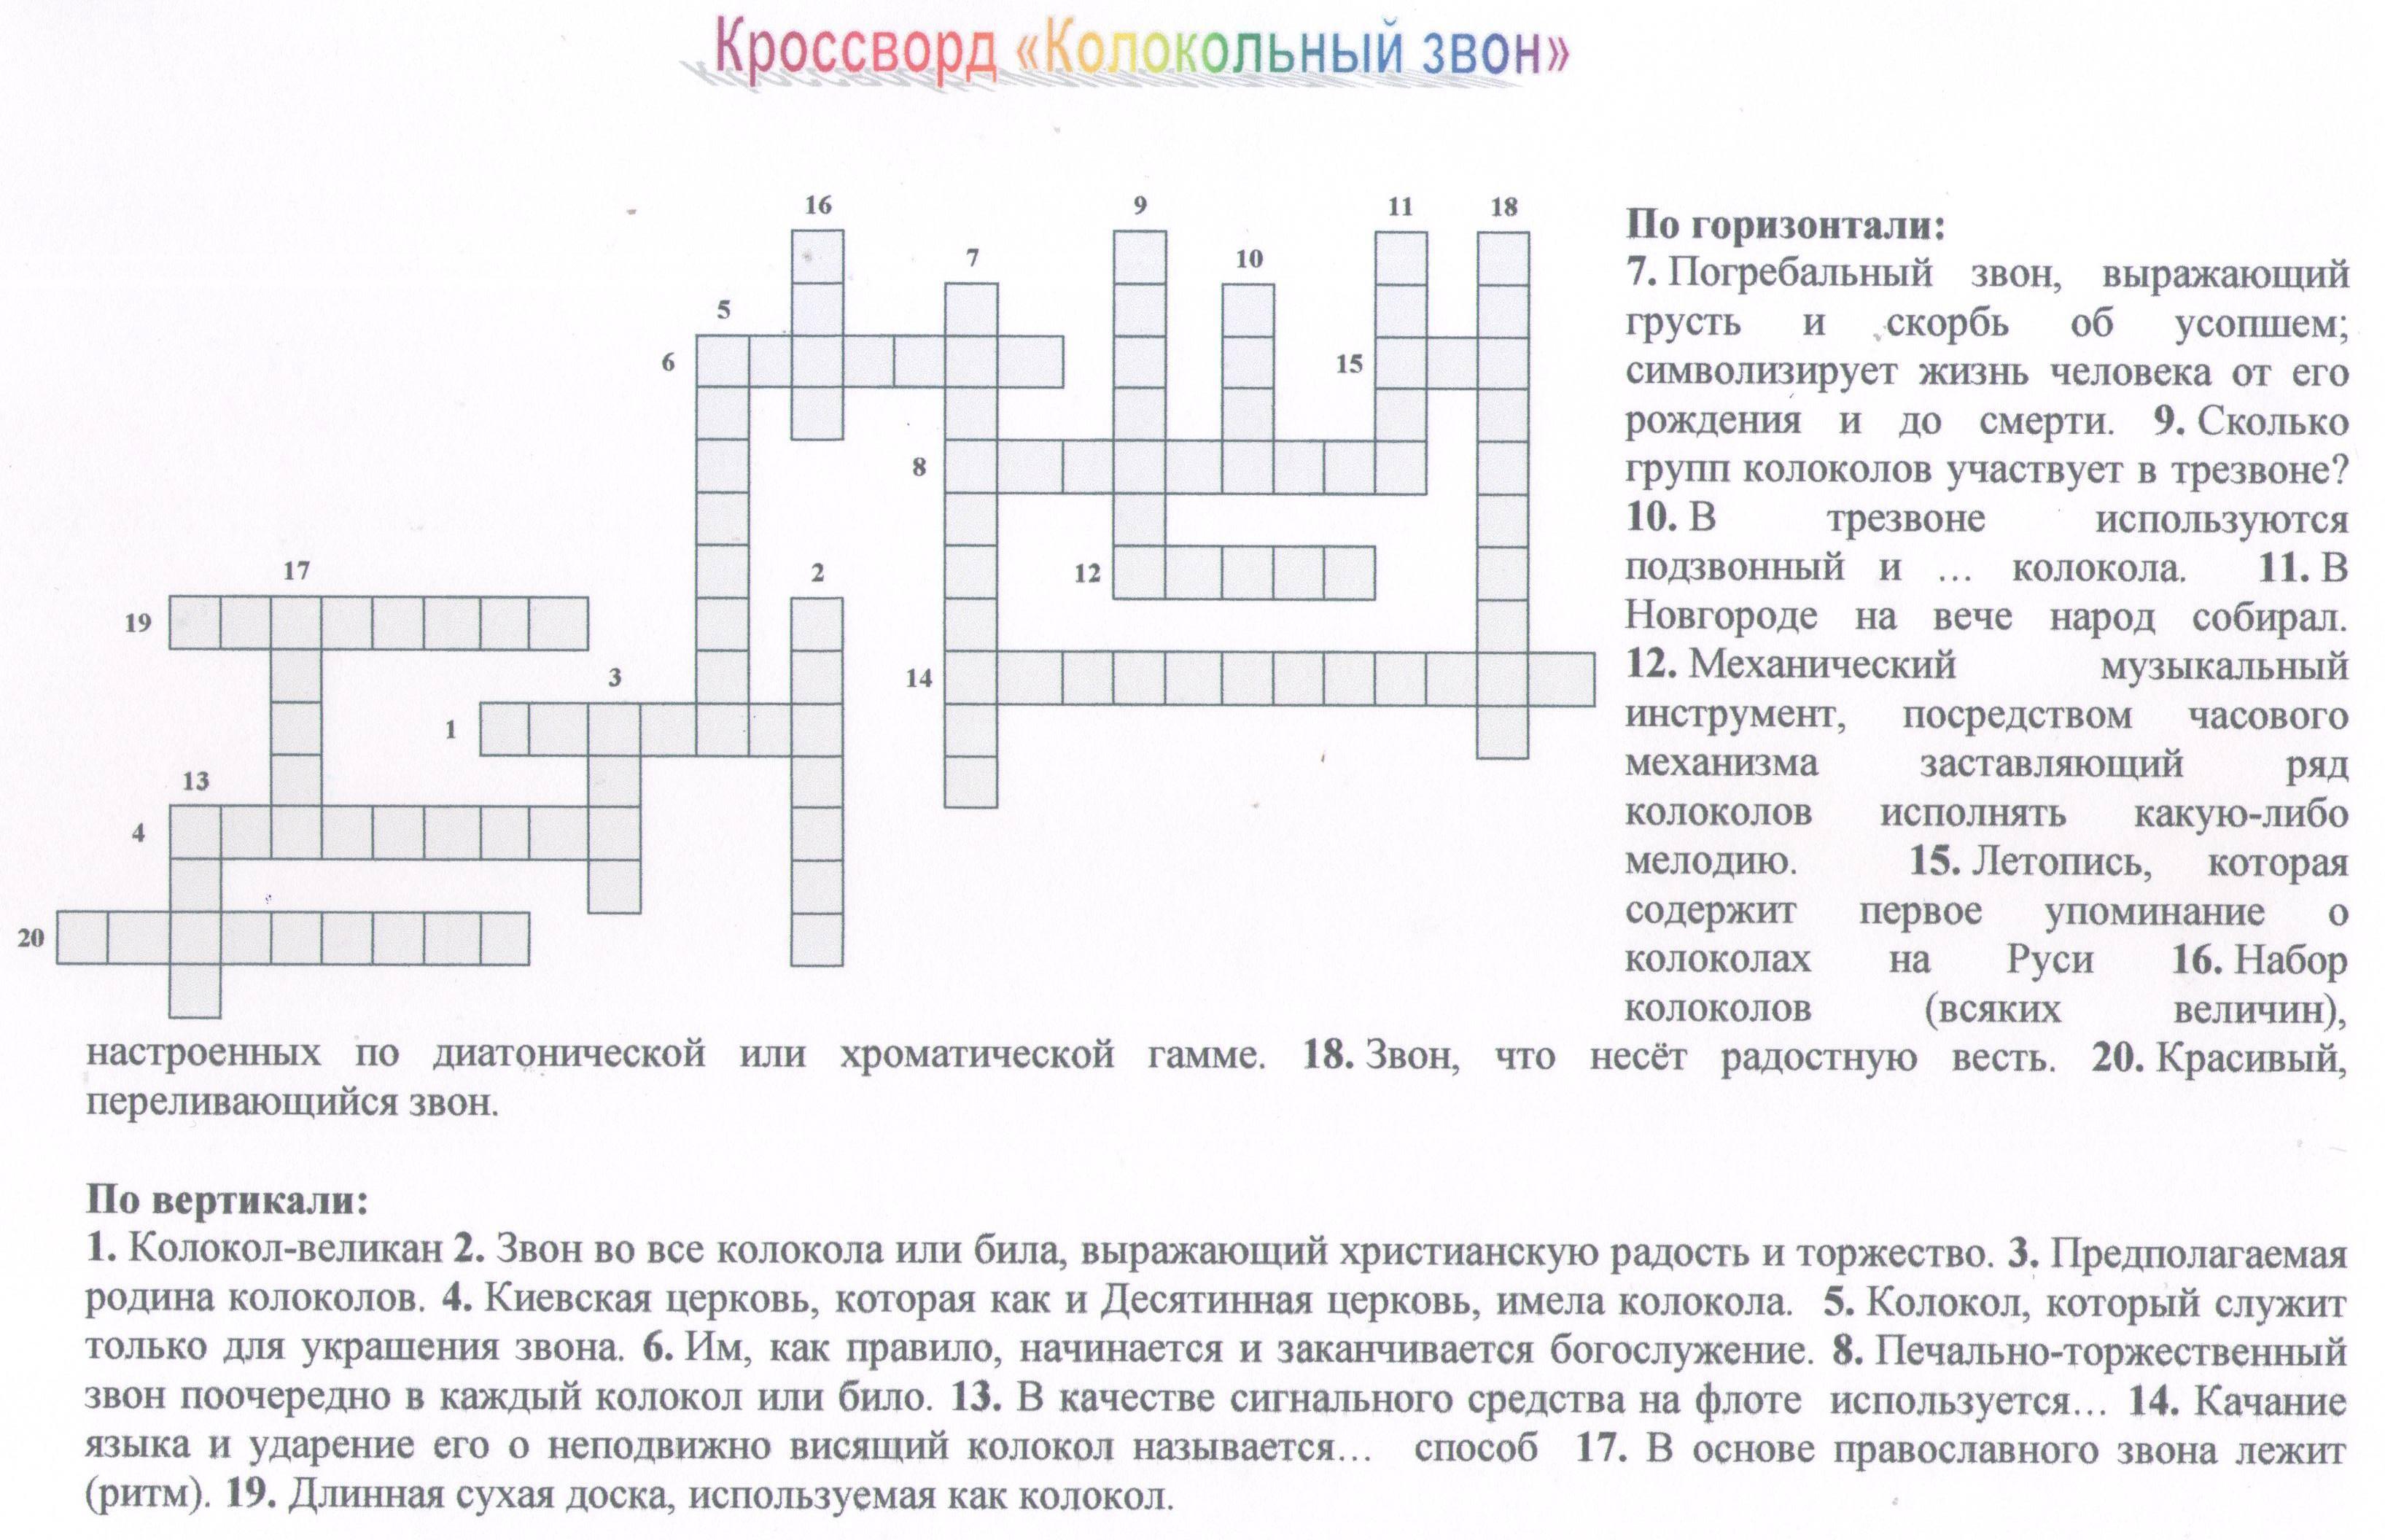 Омельянская О.В., ребус 7